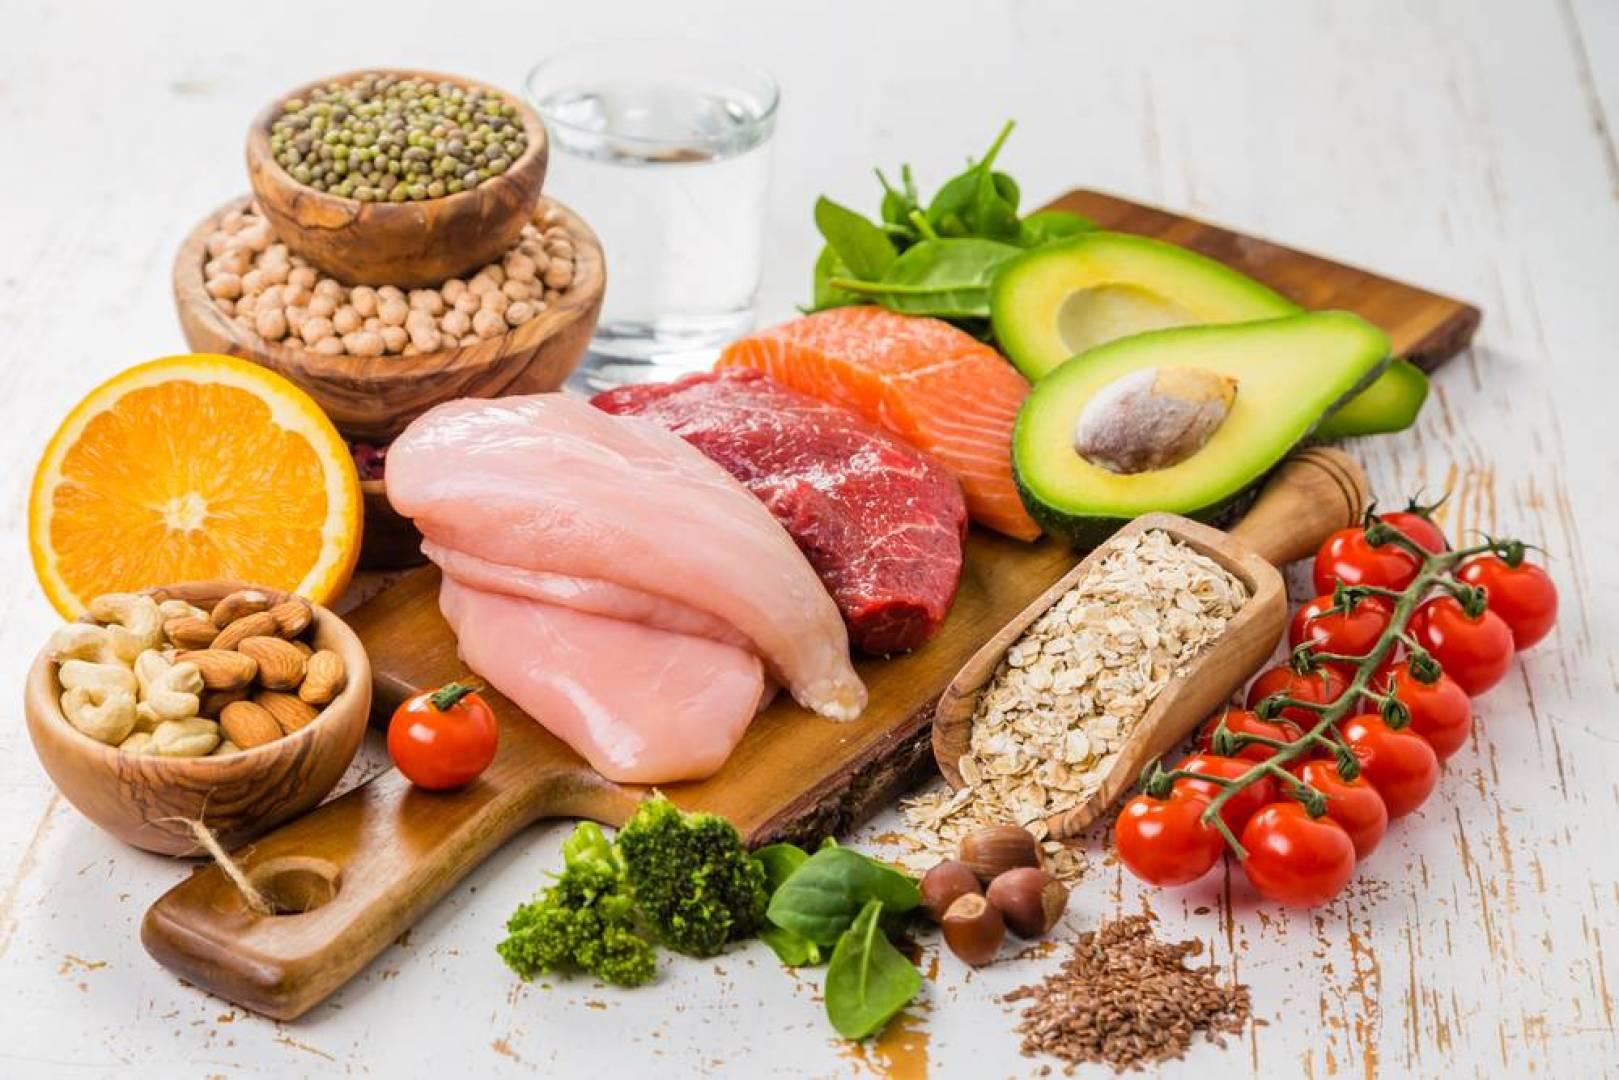 أطعمة تساعدك على الإحساس بالشبع.. وحرق الدهون